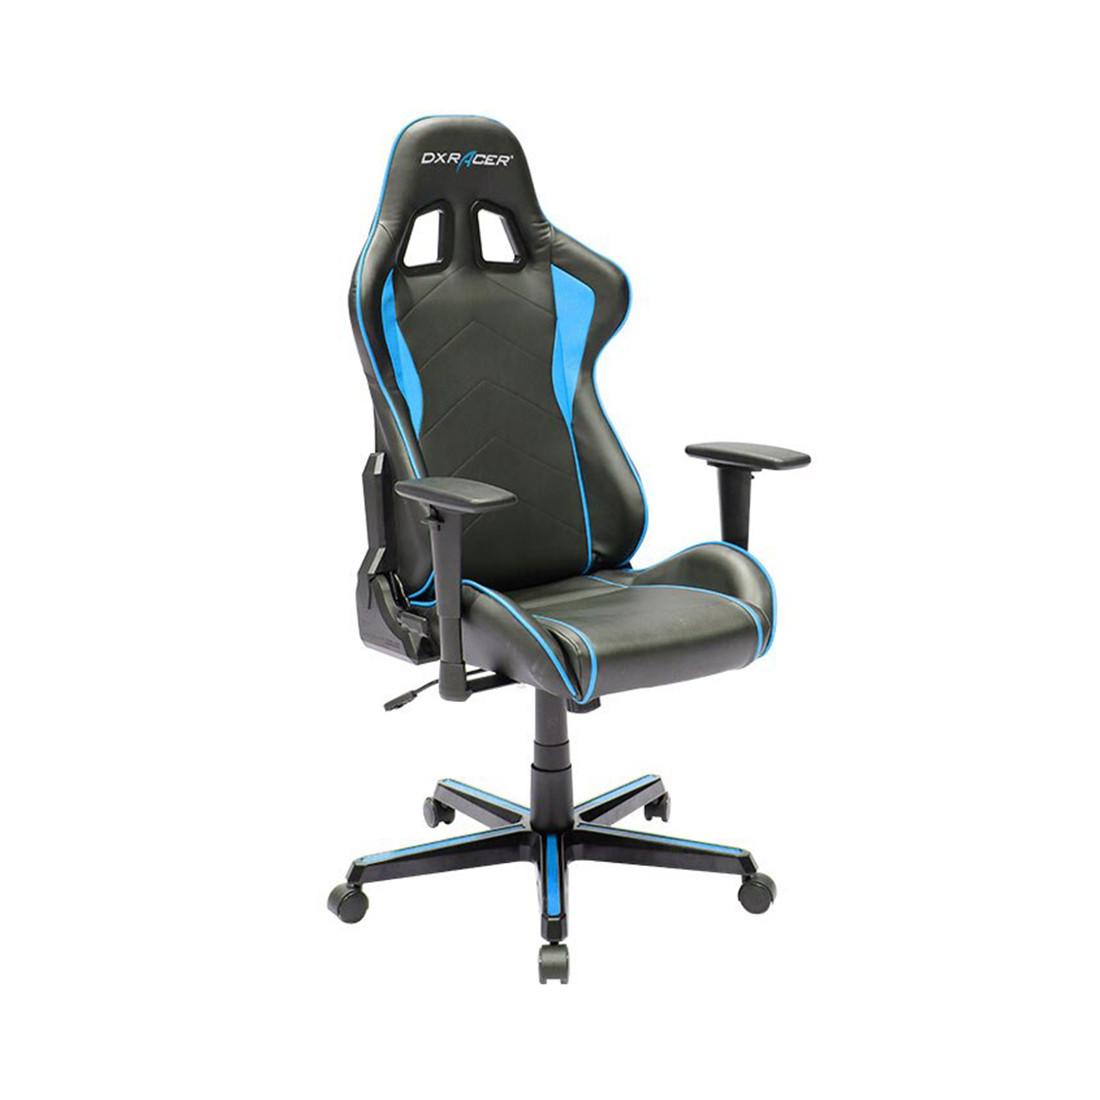 Игровое компьютерное кресло, DX Racer, OH/FH08/NB, ПУ экокожа, Вид наполнителя: губчатая пена высокой